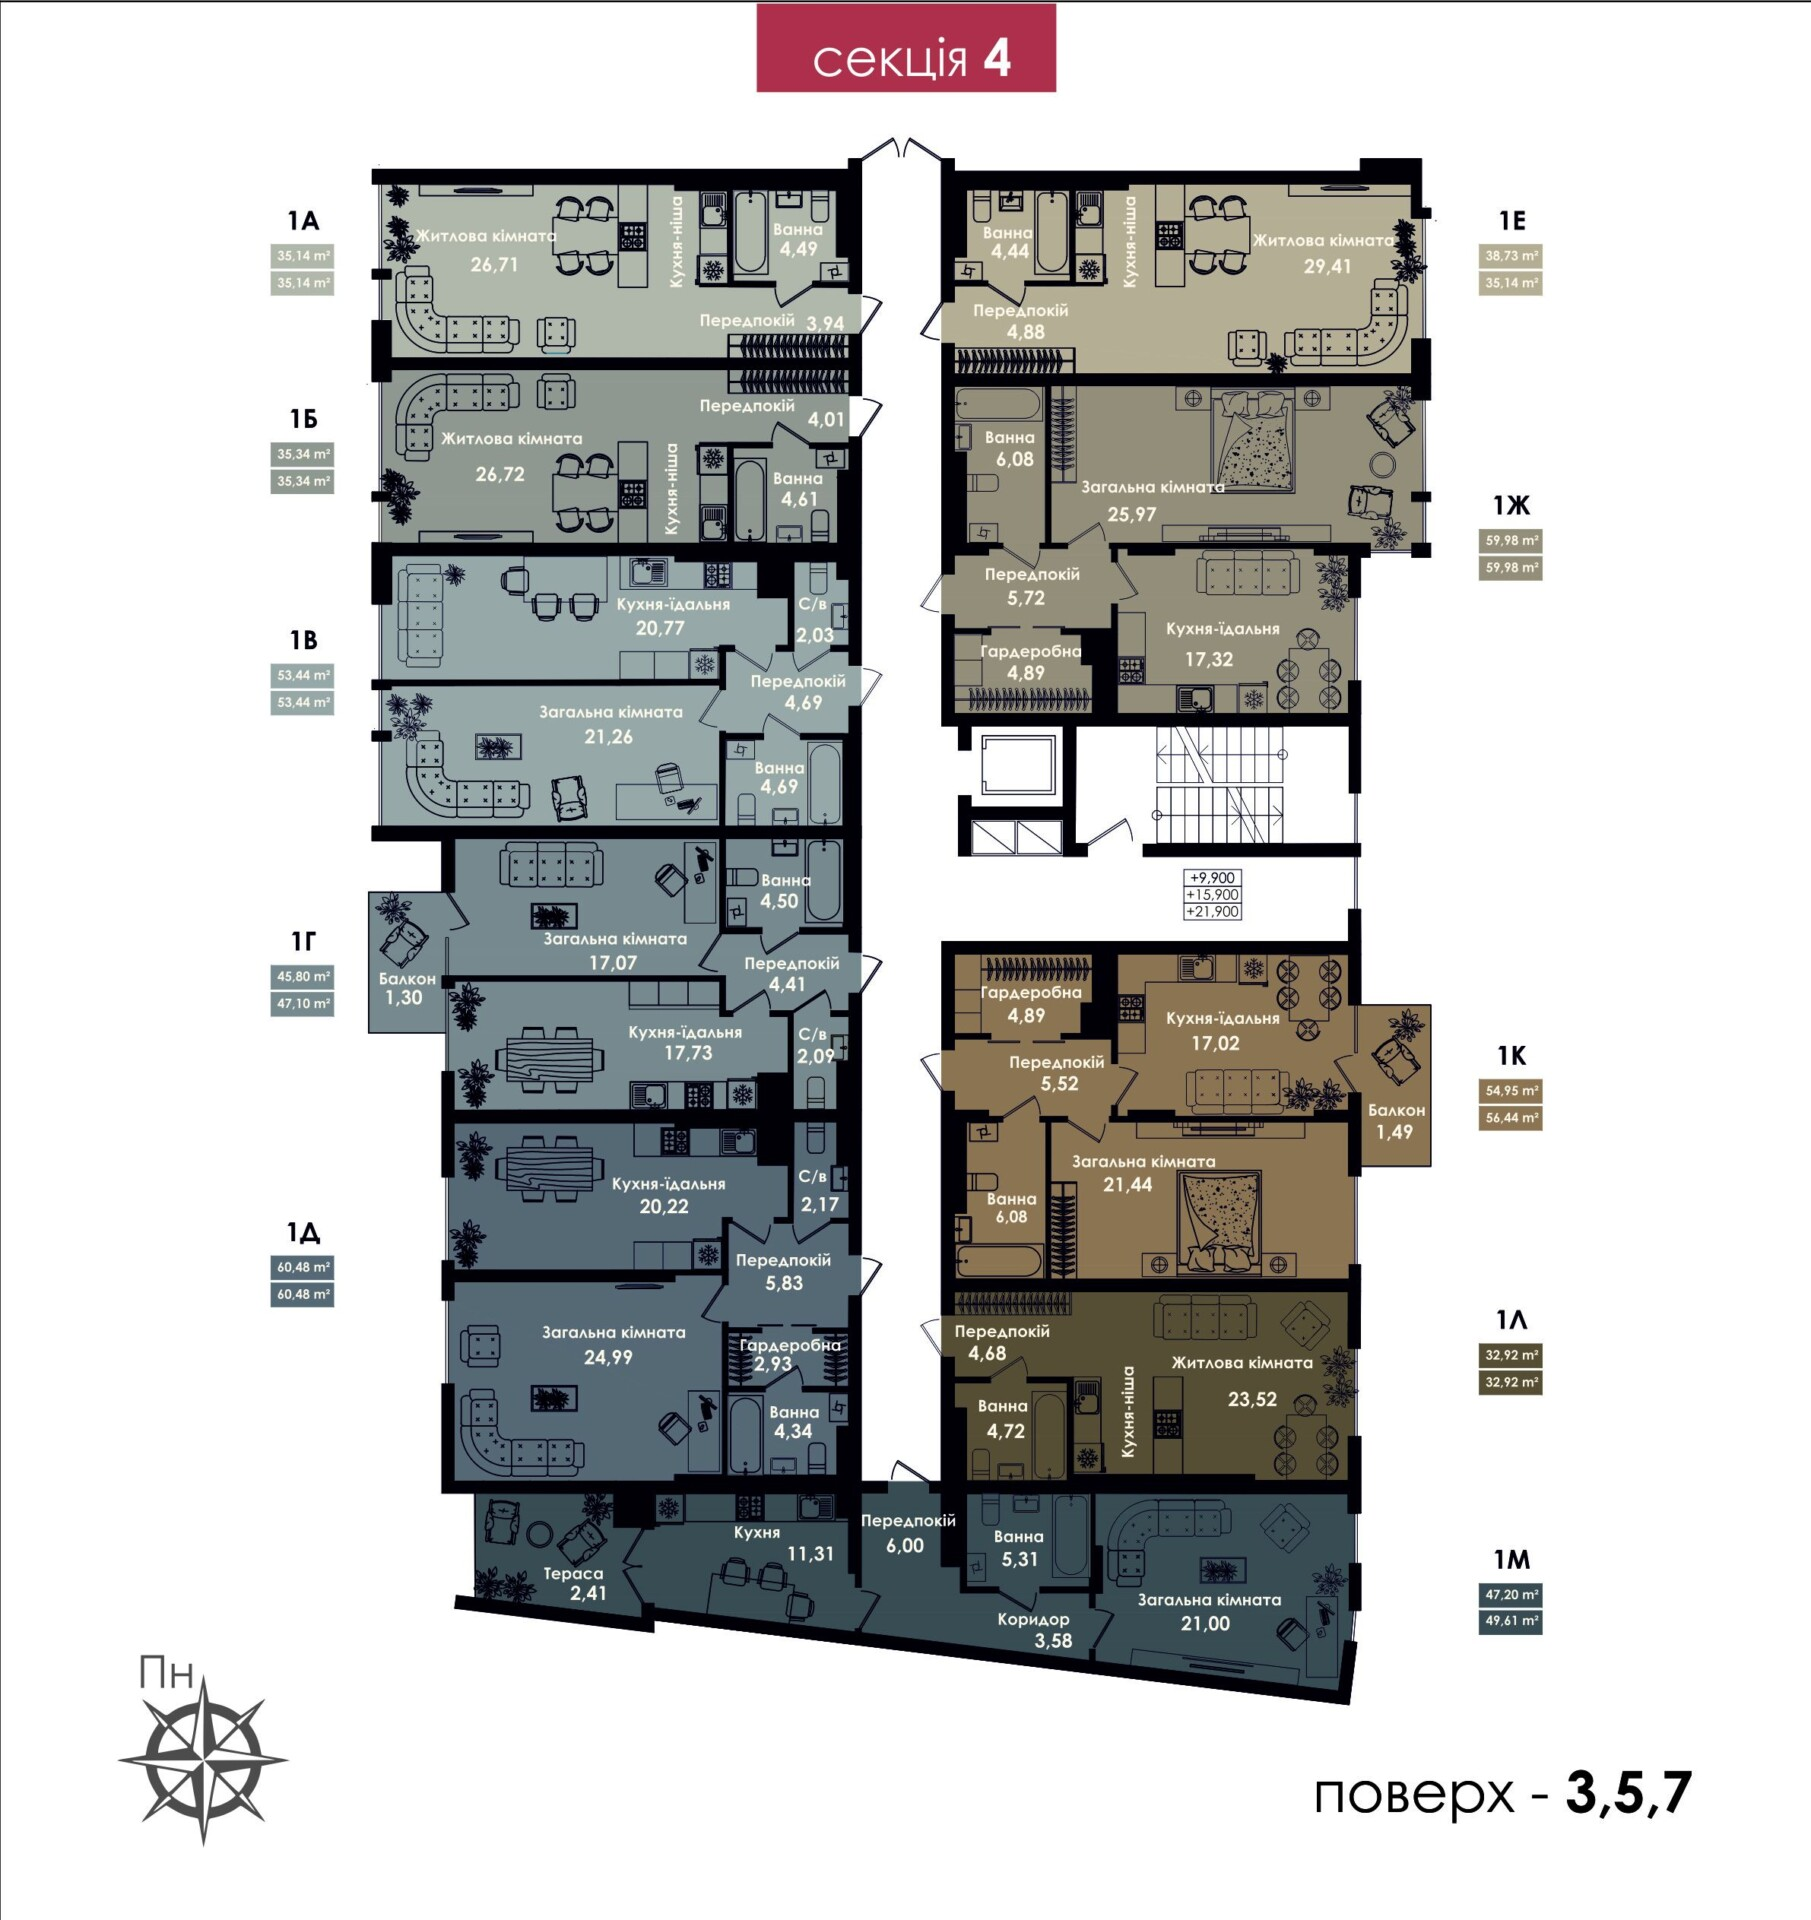 Квартира 1М, секція 4, поверх 3, 5, 7